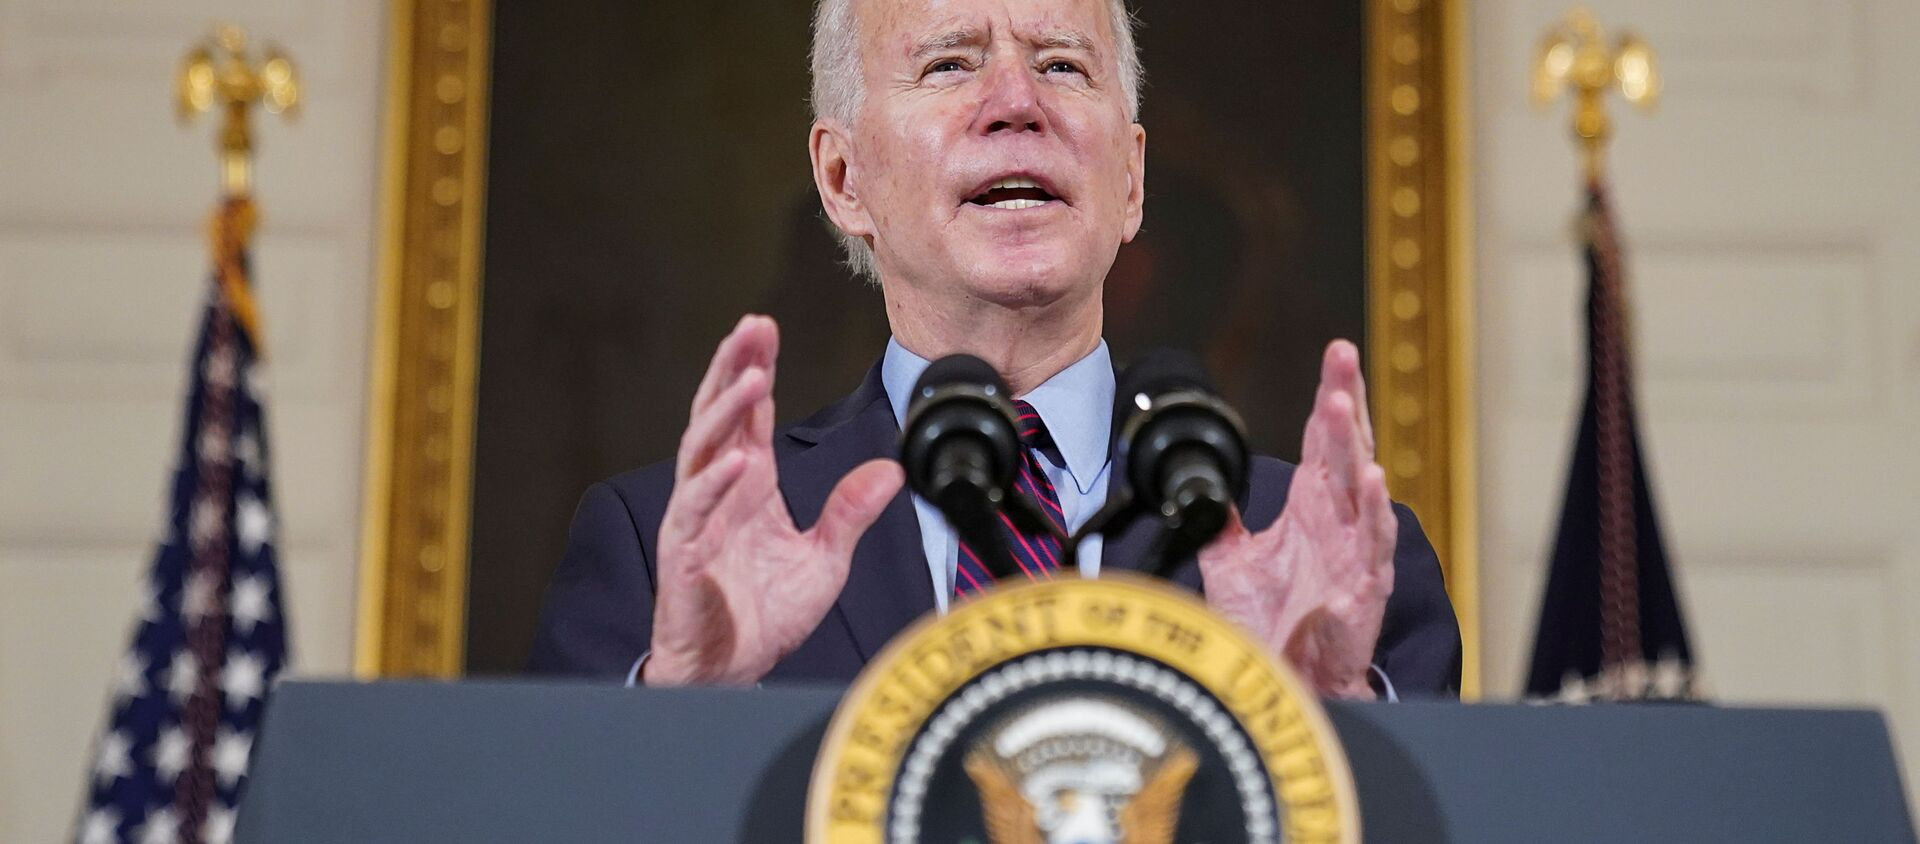 Tổng thống Hoa Kỳ Joe Biden tại Nhà Trắng, Washington. - Sputnik Việt Nam, 1920, 12.03.2021